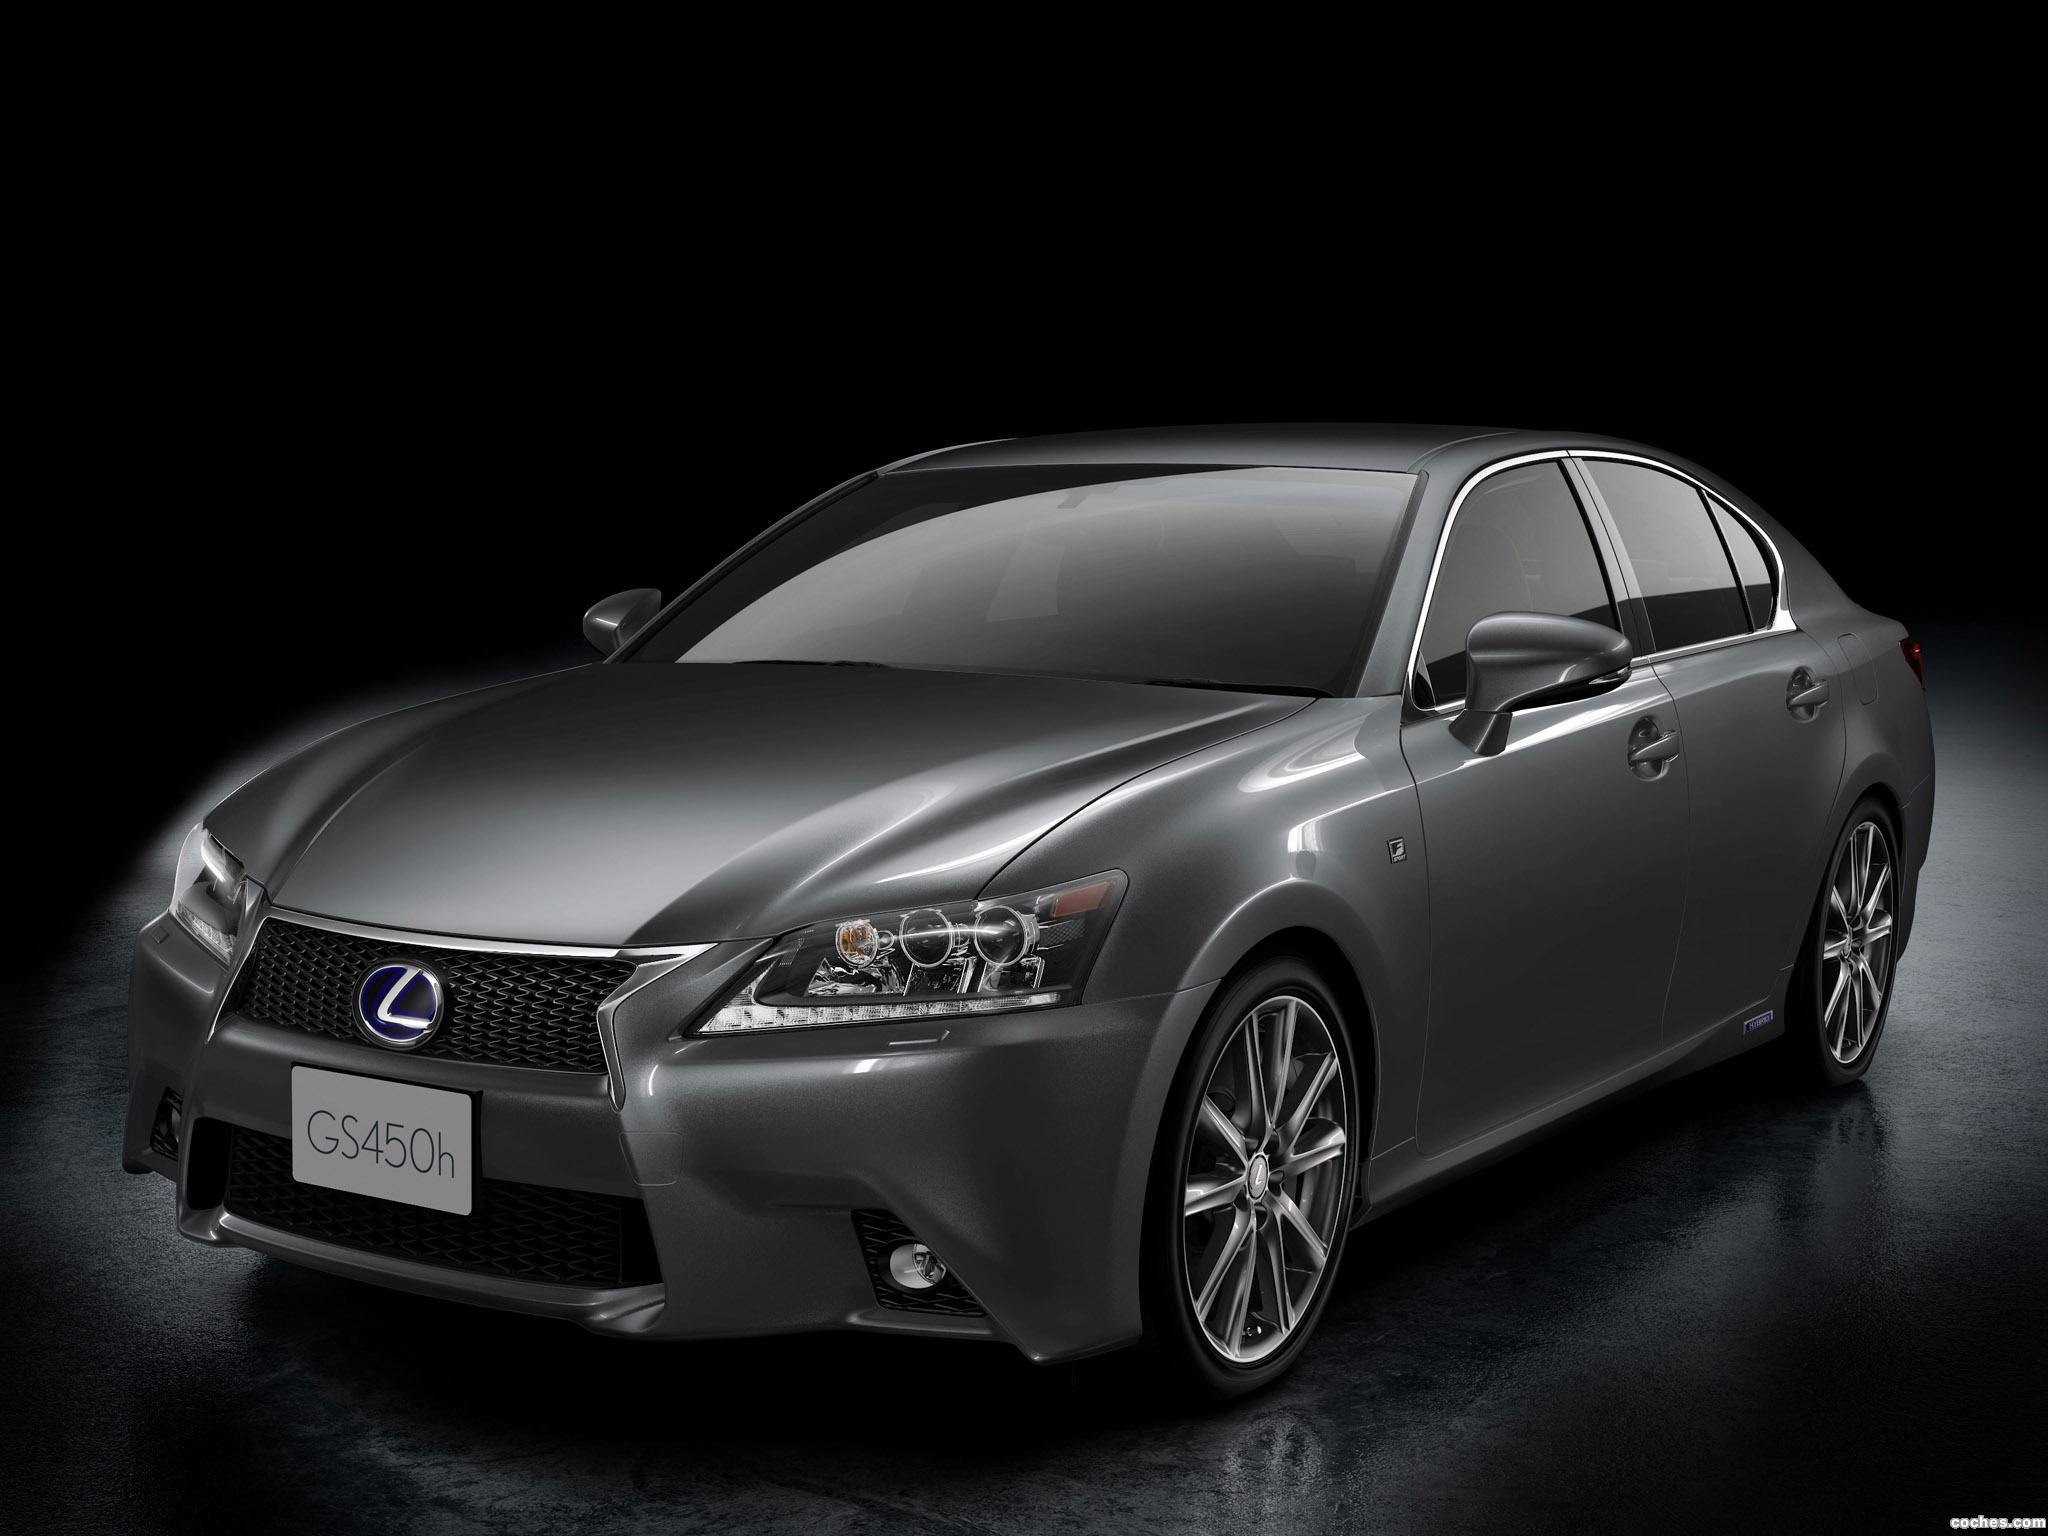 Foto 0 de Lexus GS 450h F-Sport Japon 2012